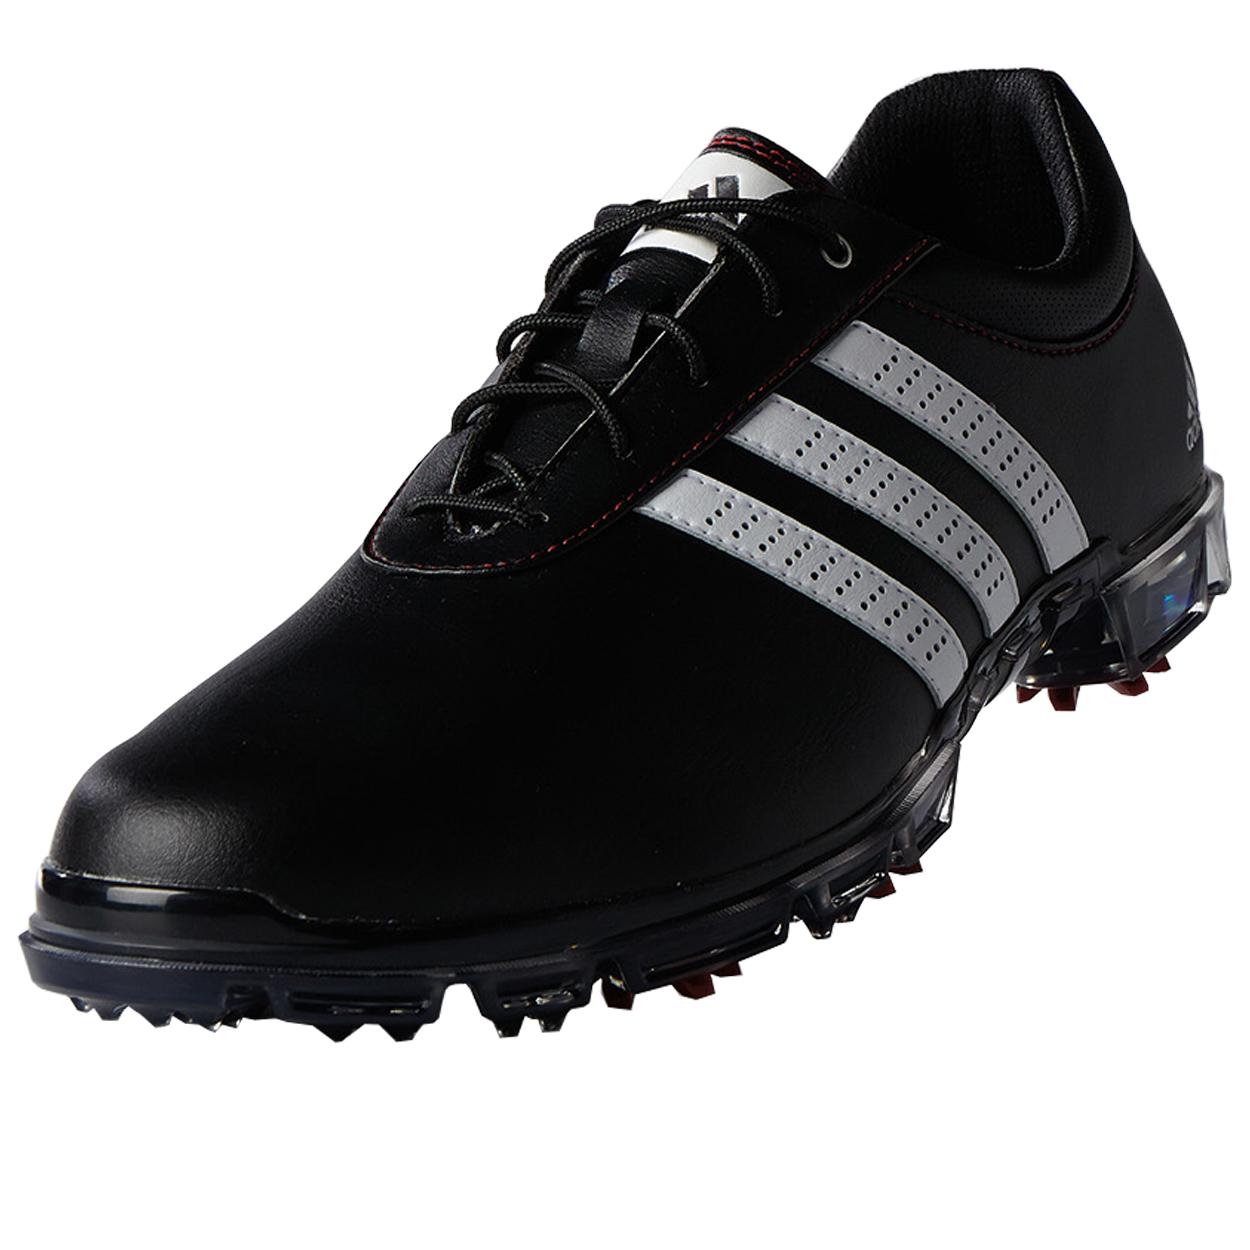 Adidas Adipure Golf Classico Di Scarpa Da Golf Adipure 3d2a0c